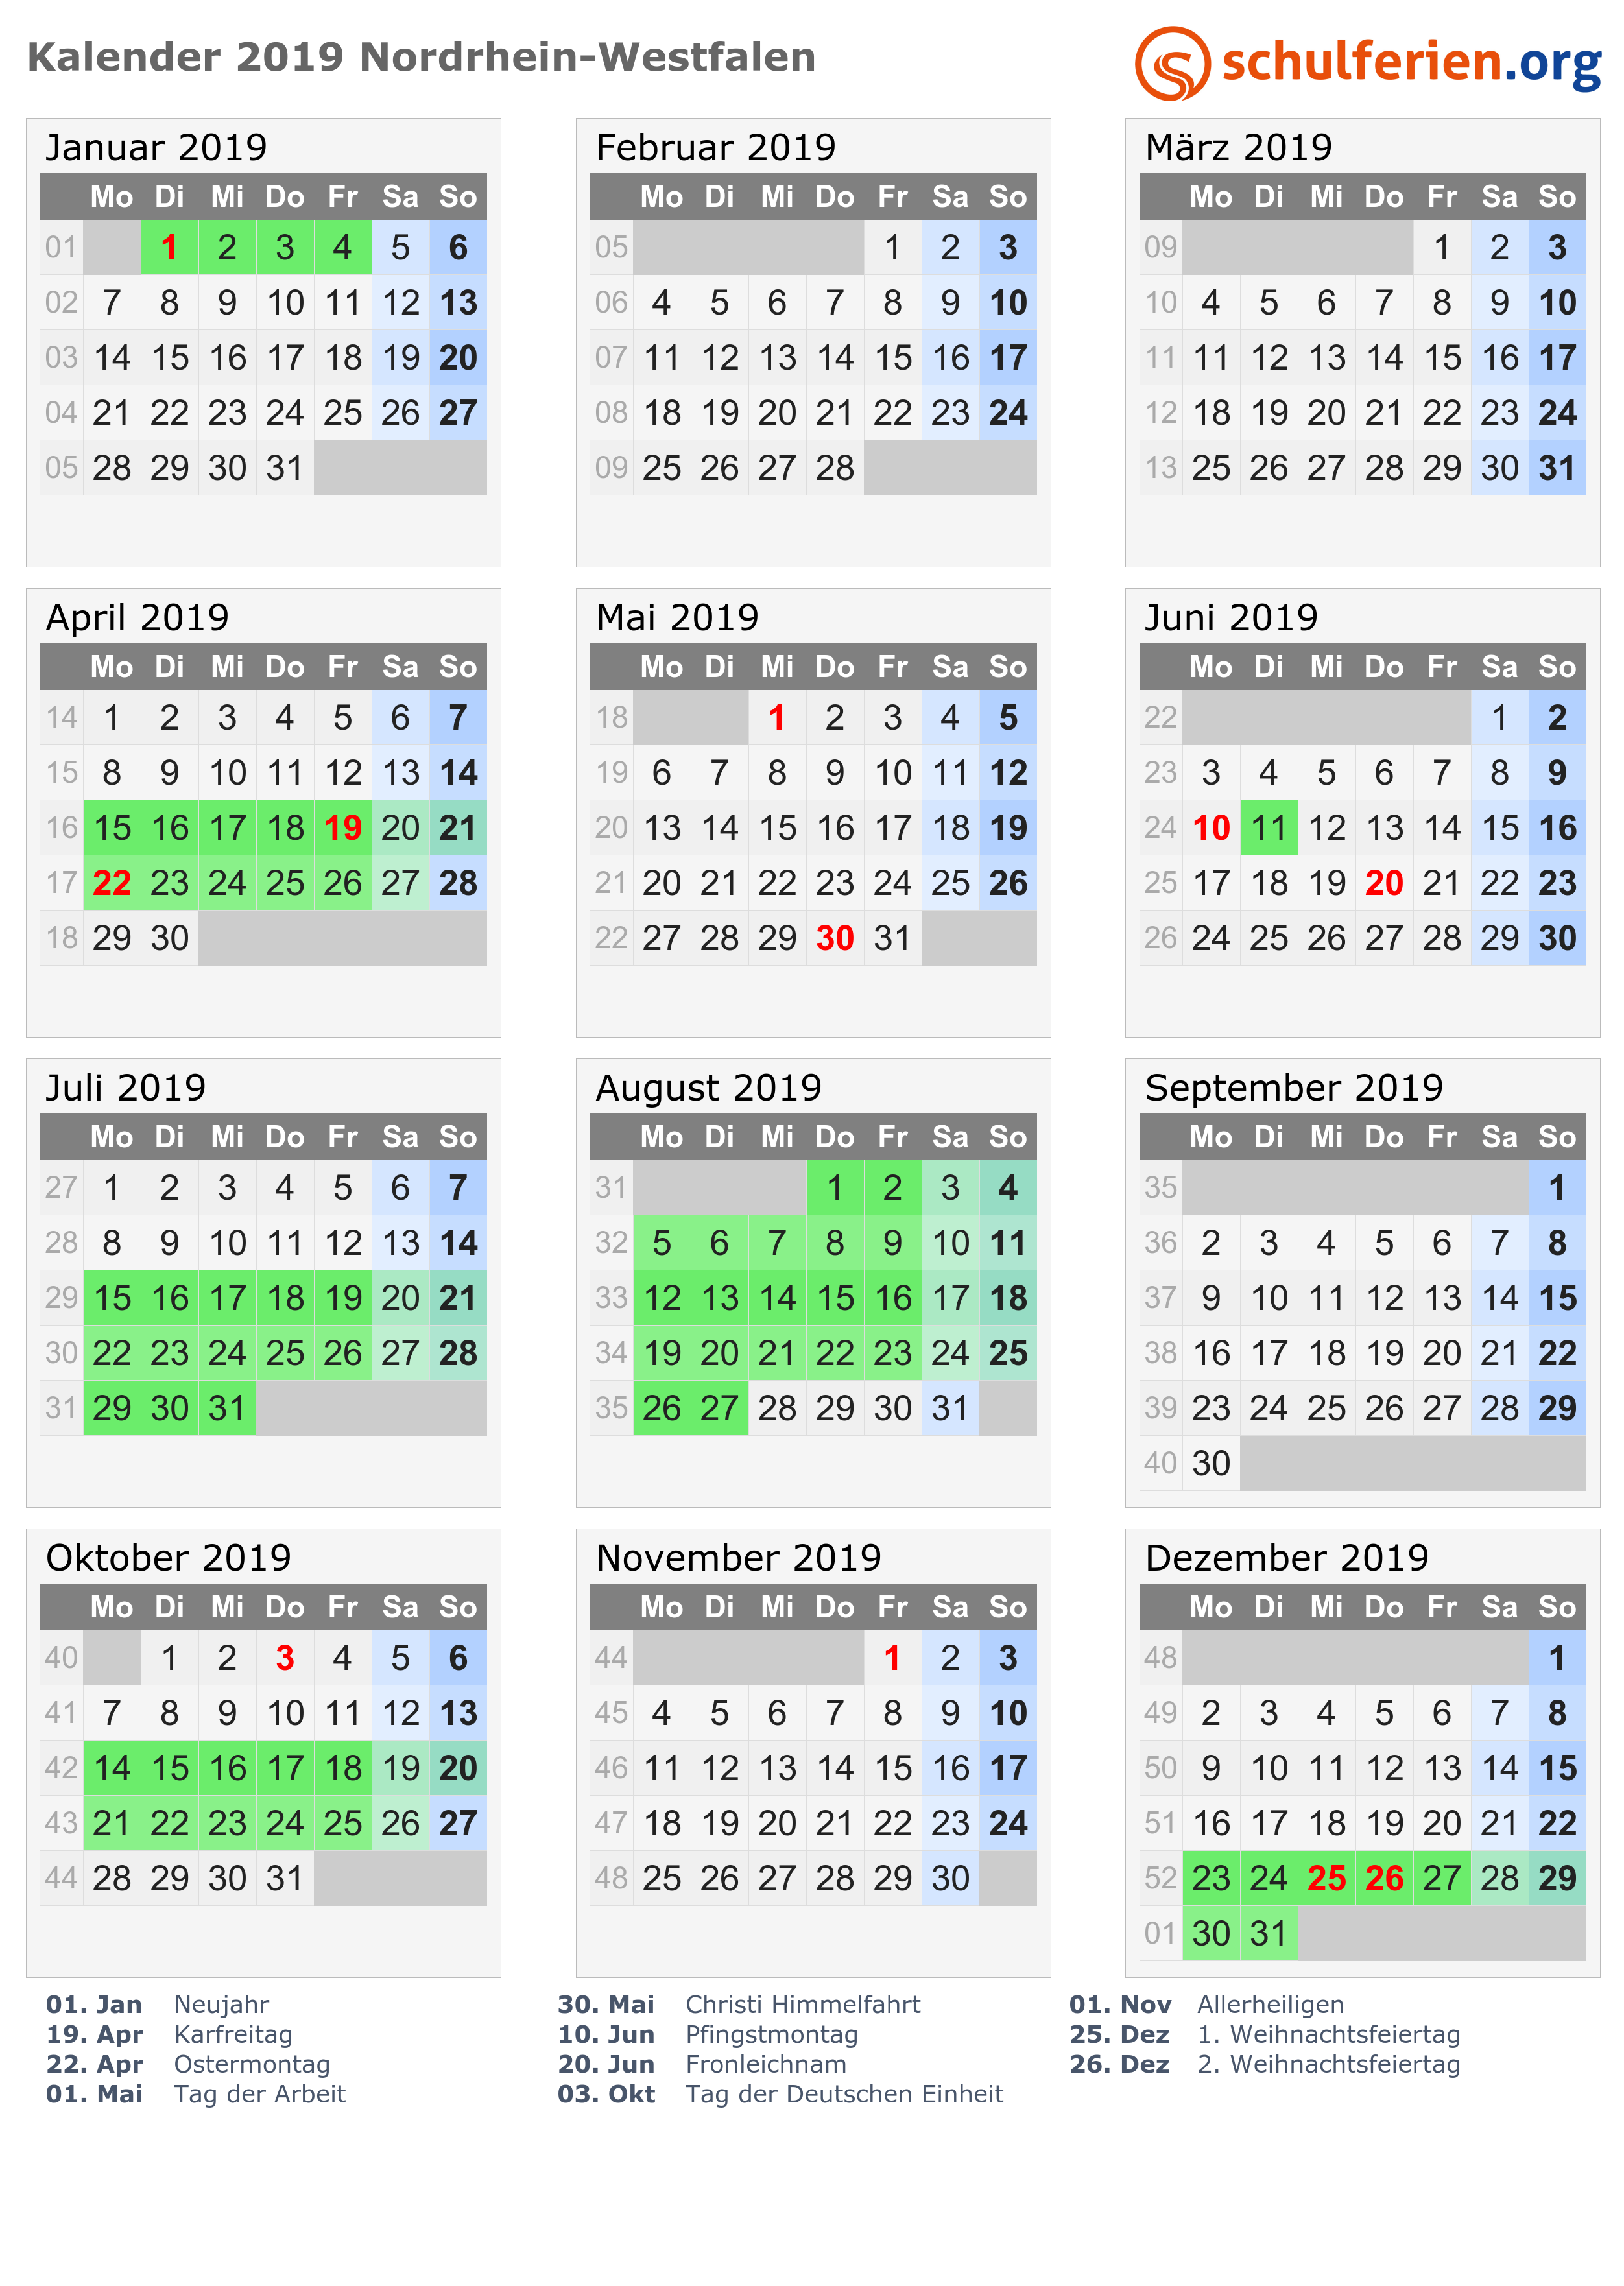 Kalender 2019 2020 2021 Nordrhein Westfalen